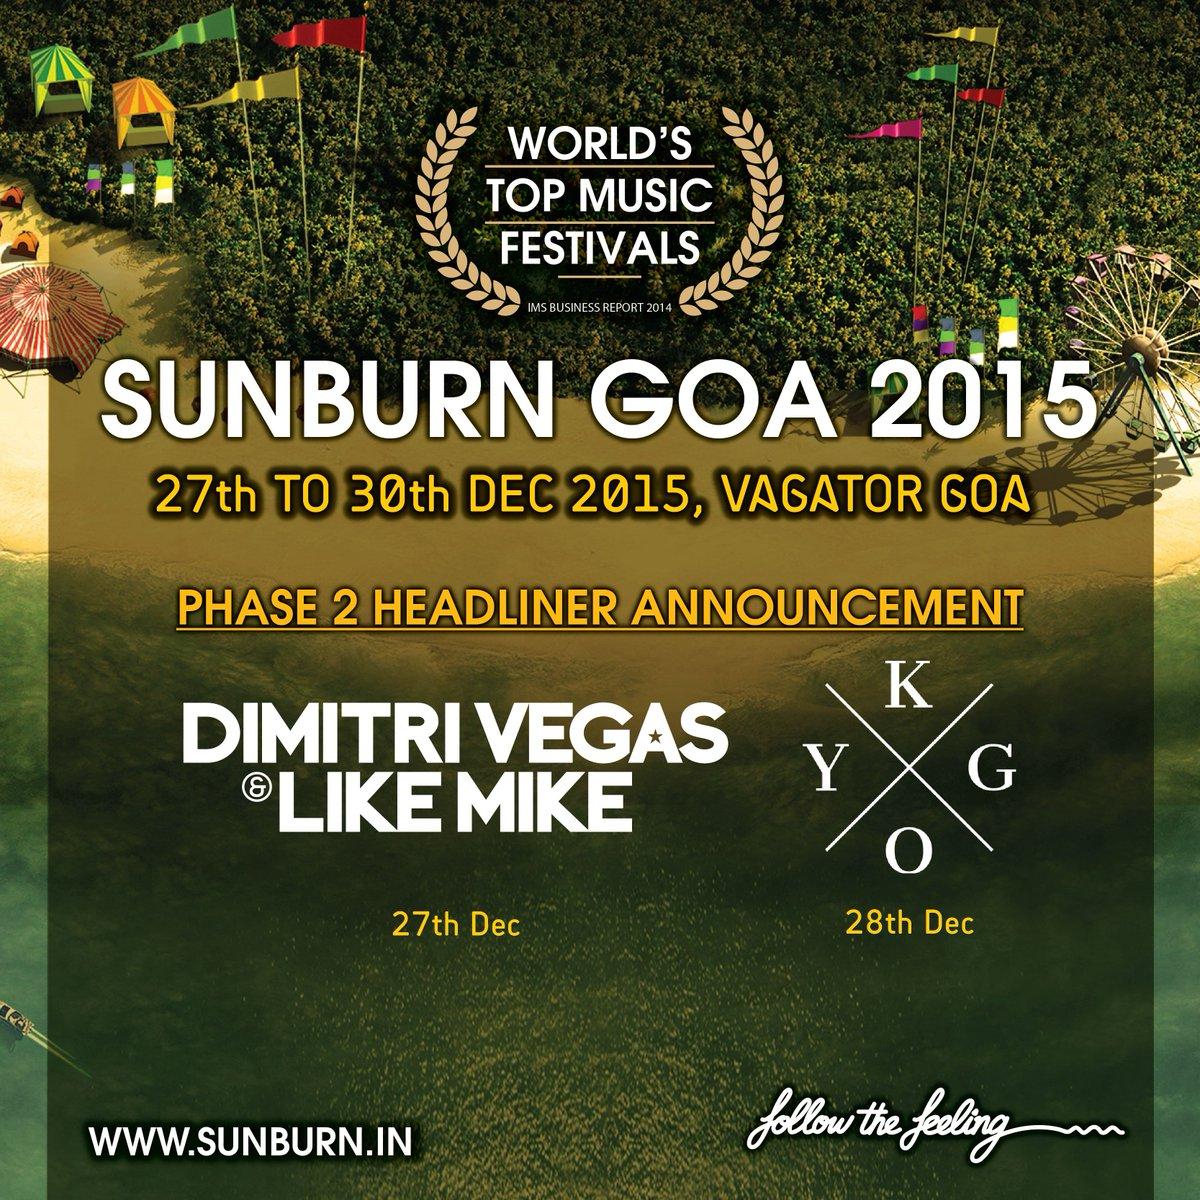 We are bringing Worlds #1 @dimitrivegas @likemike & @KygoMusic to #SunburnGoa alongwith @davidguetta & @MartinGarrix https://t.co/gRRtpNwi9W